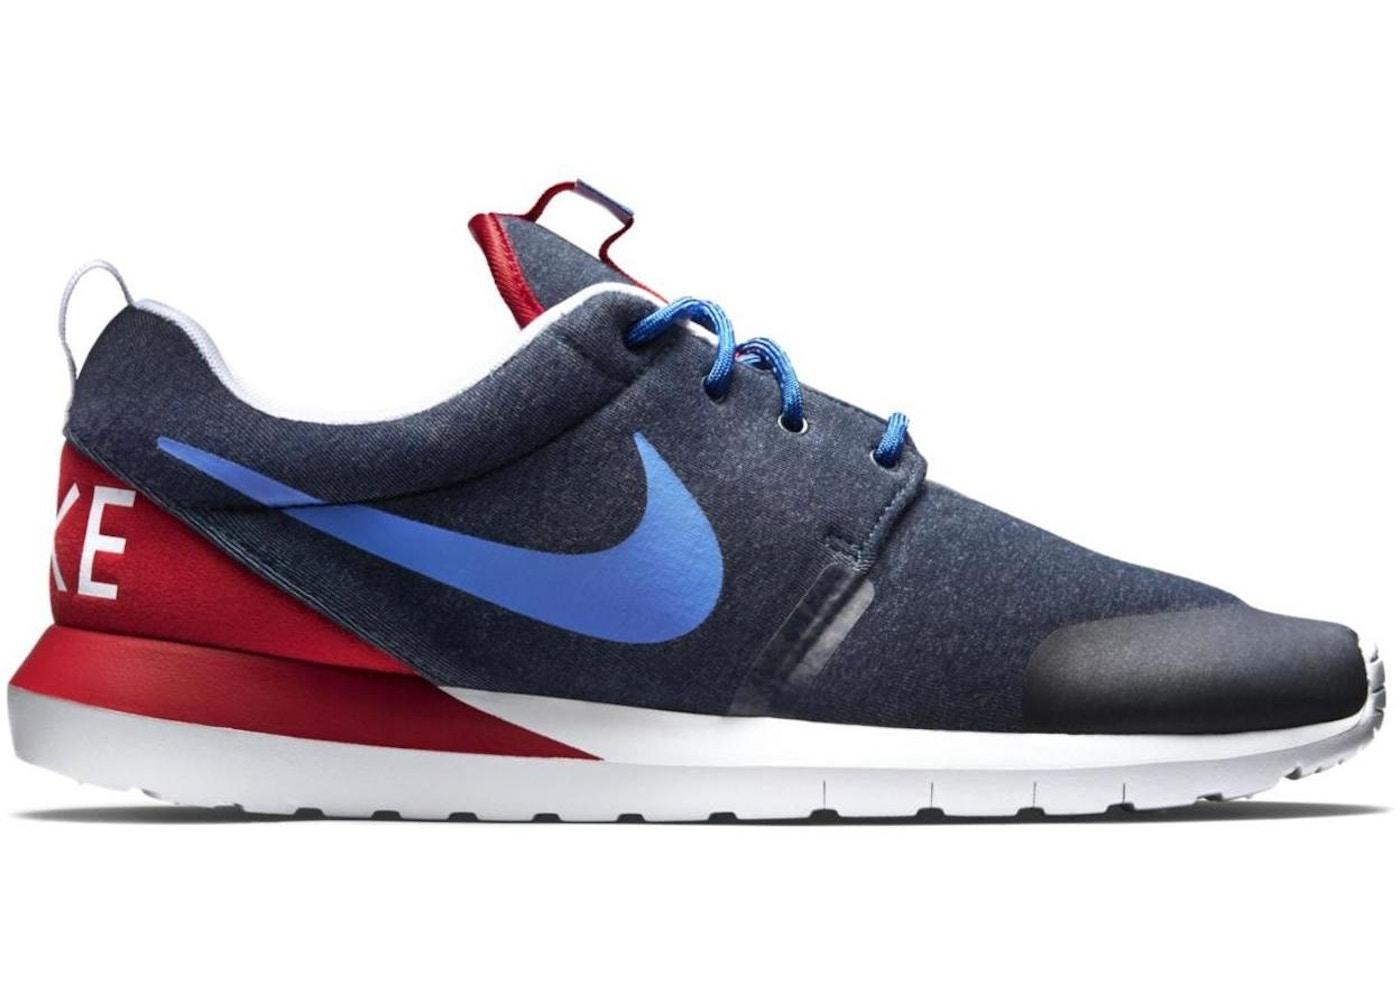 acheter populaire 91782 5ab10 Nike Roshe Run France